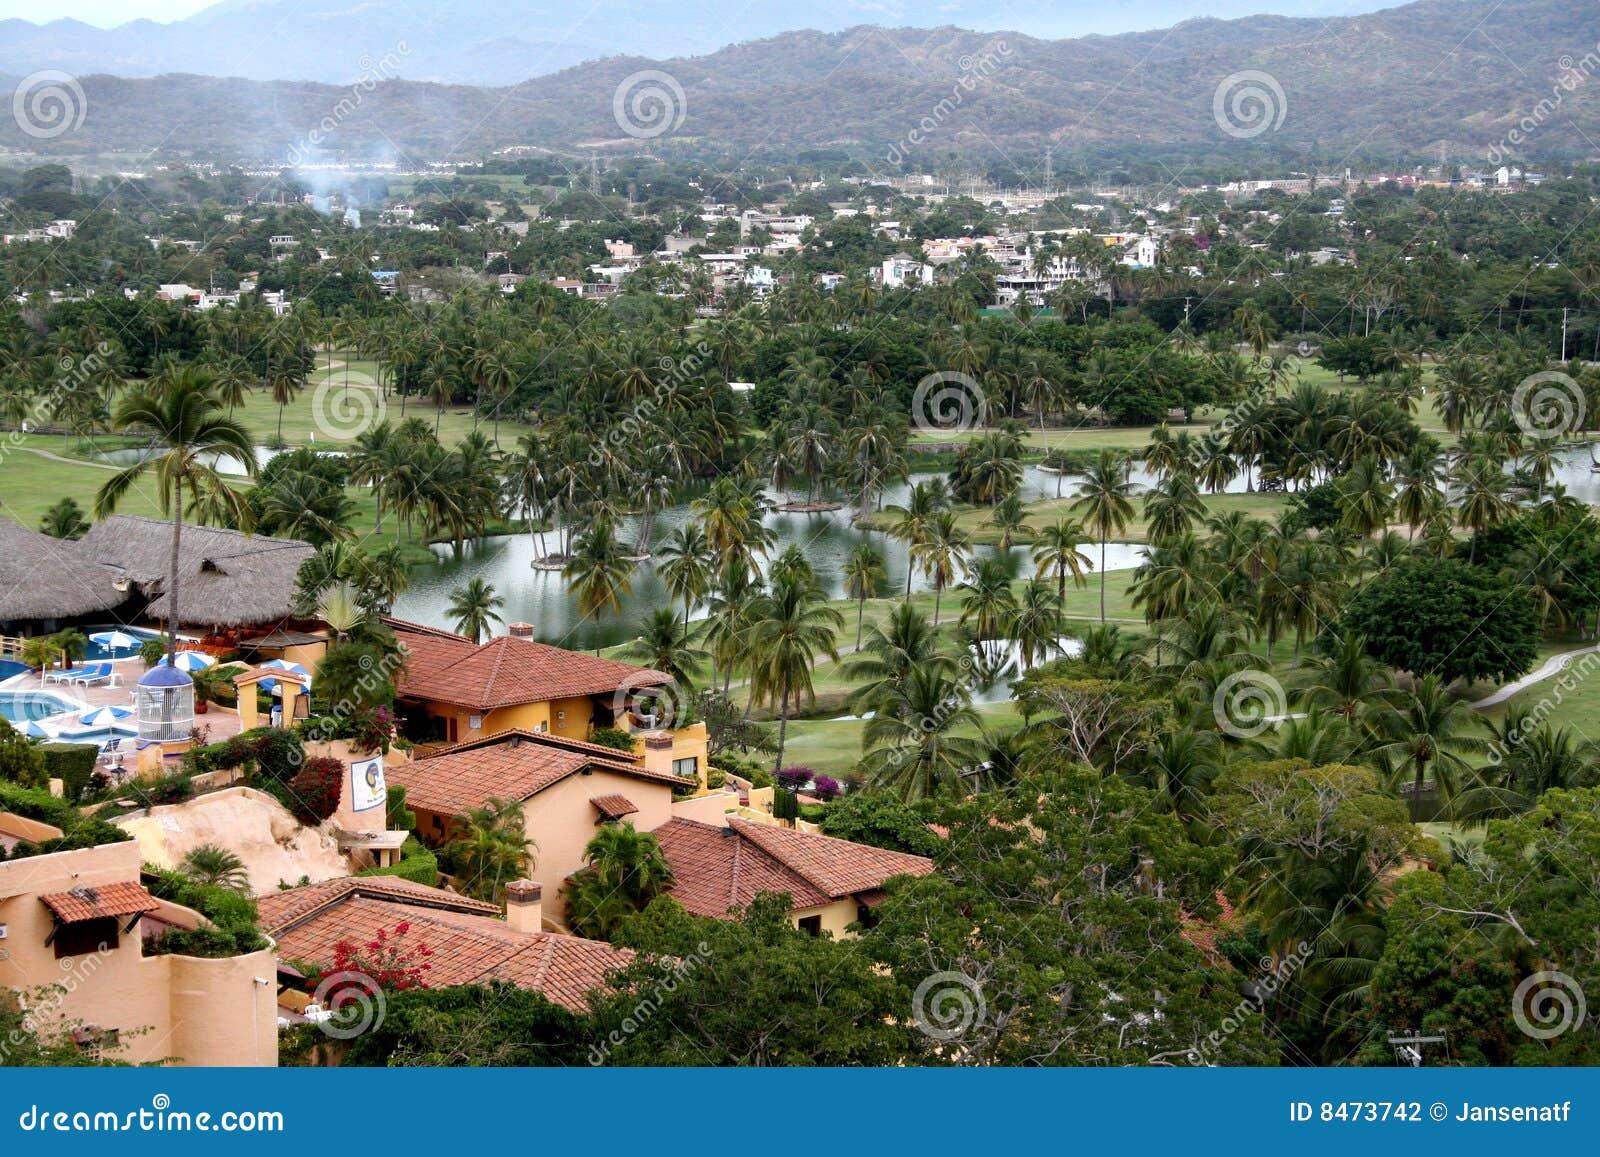 Manzanillo semesterort